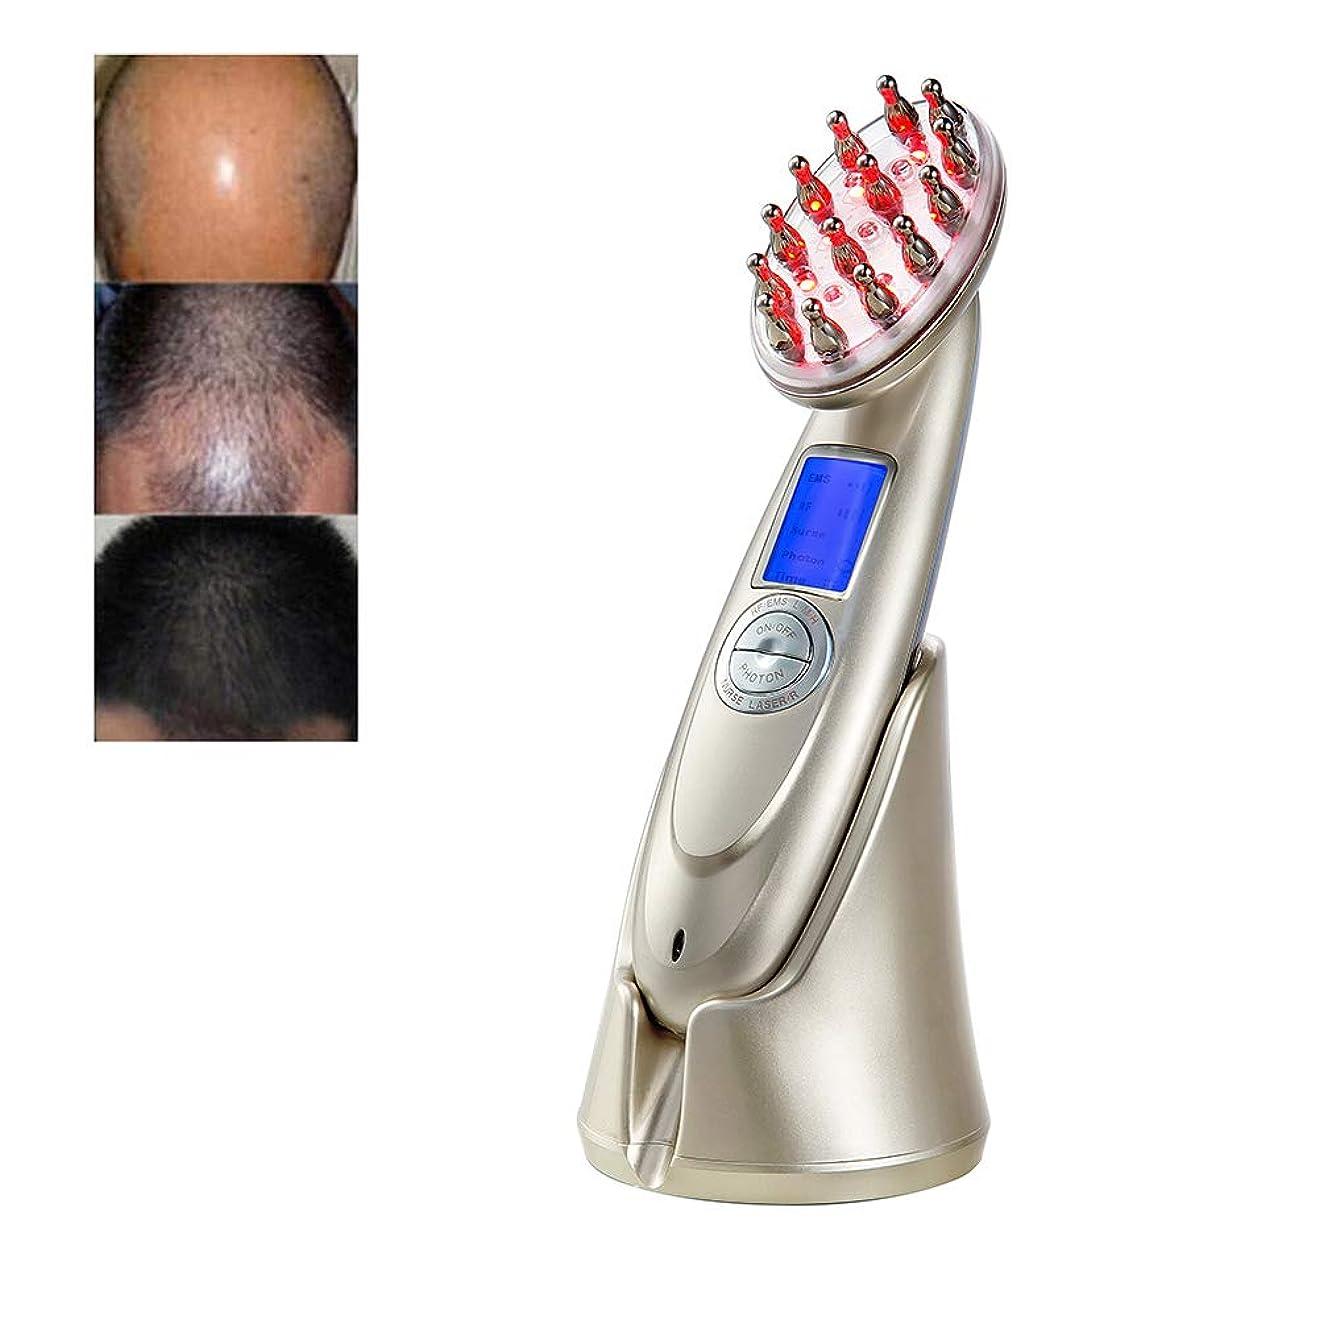 瀬戸際バルーンベンチ抗脱毛櫛 RF EMS ナース LED 光子レーザー刺激発毛ブラシヘッド頭皮修復ヘアマッサージ美容くし